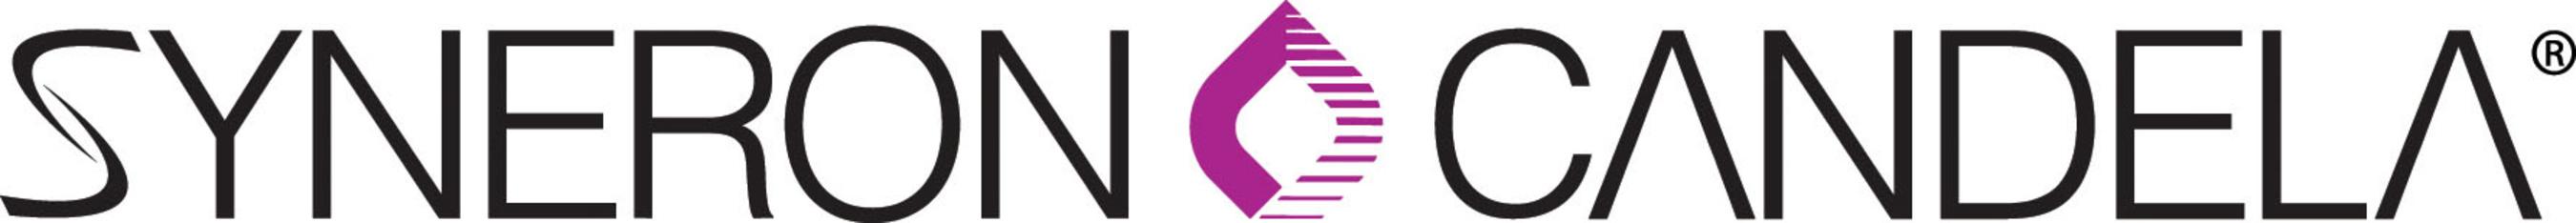 Syneron Medical Ltd logo